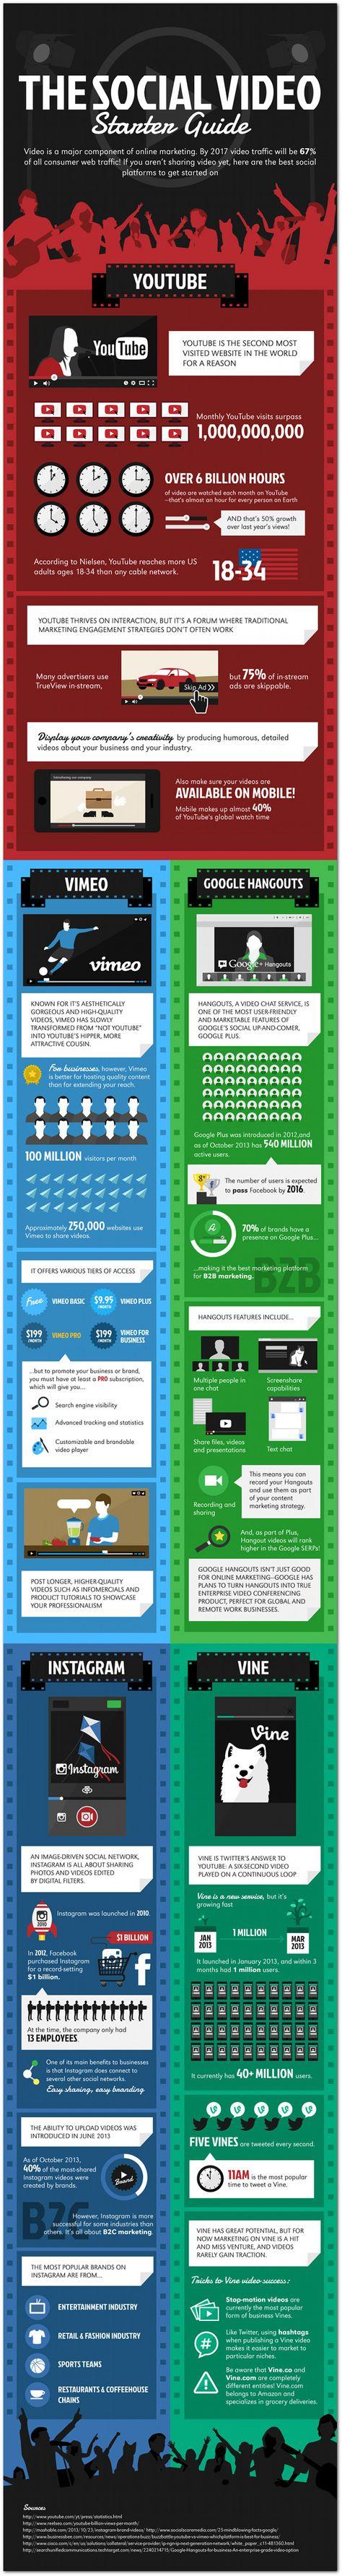 Social Video Starter Guide {Infographic}